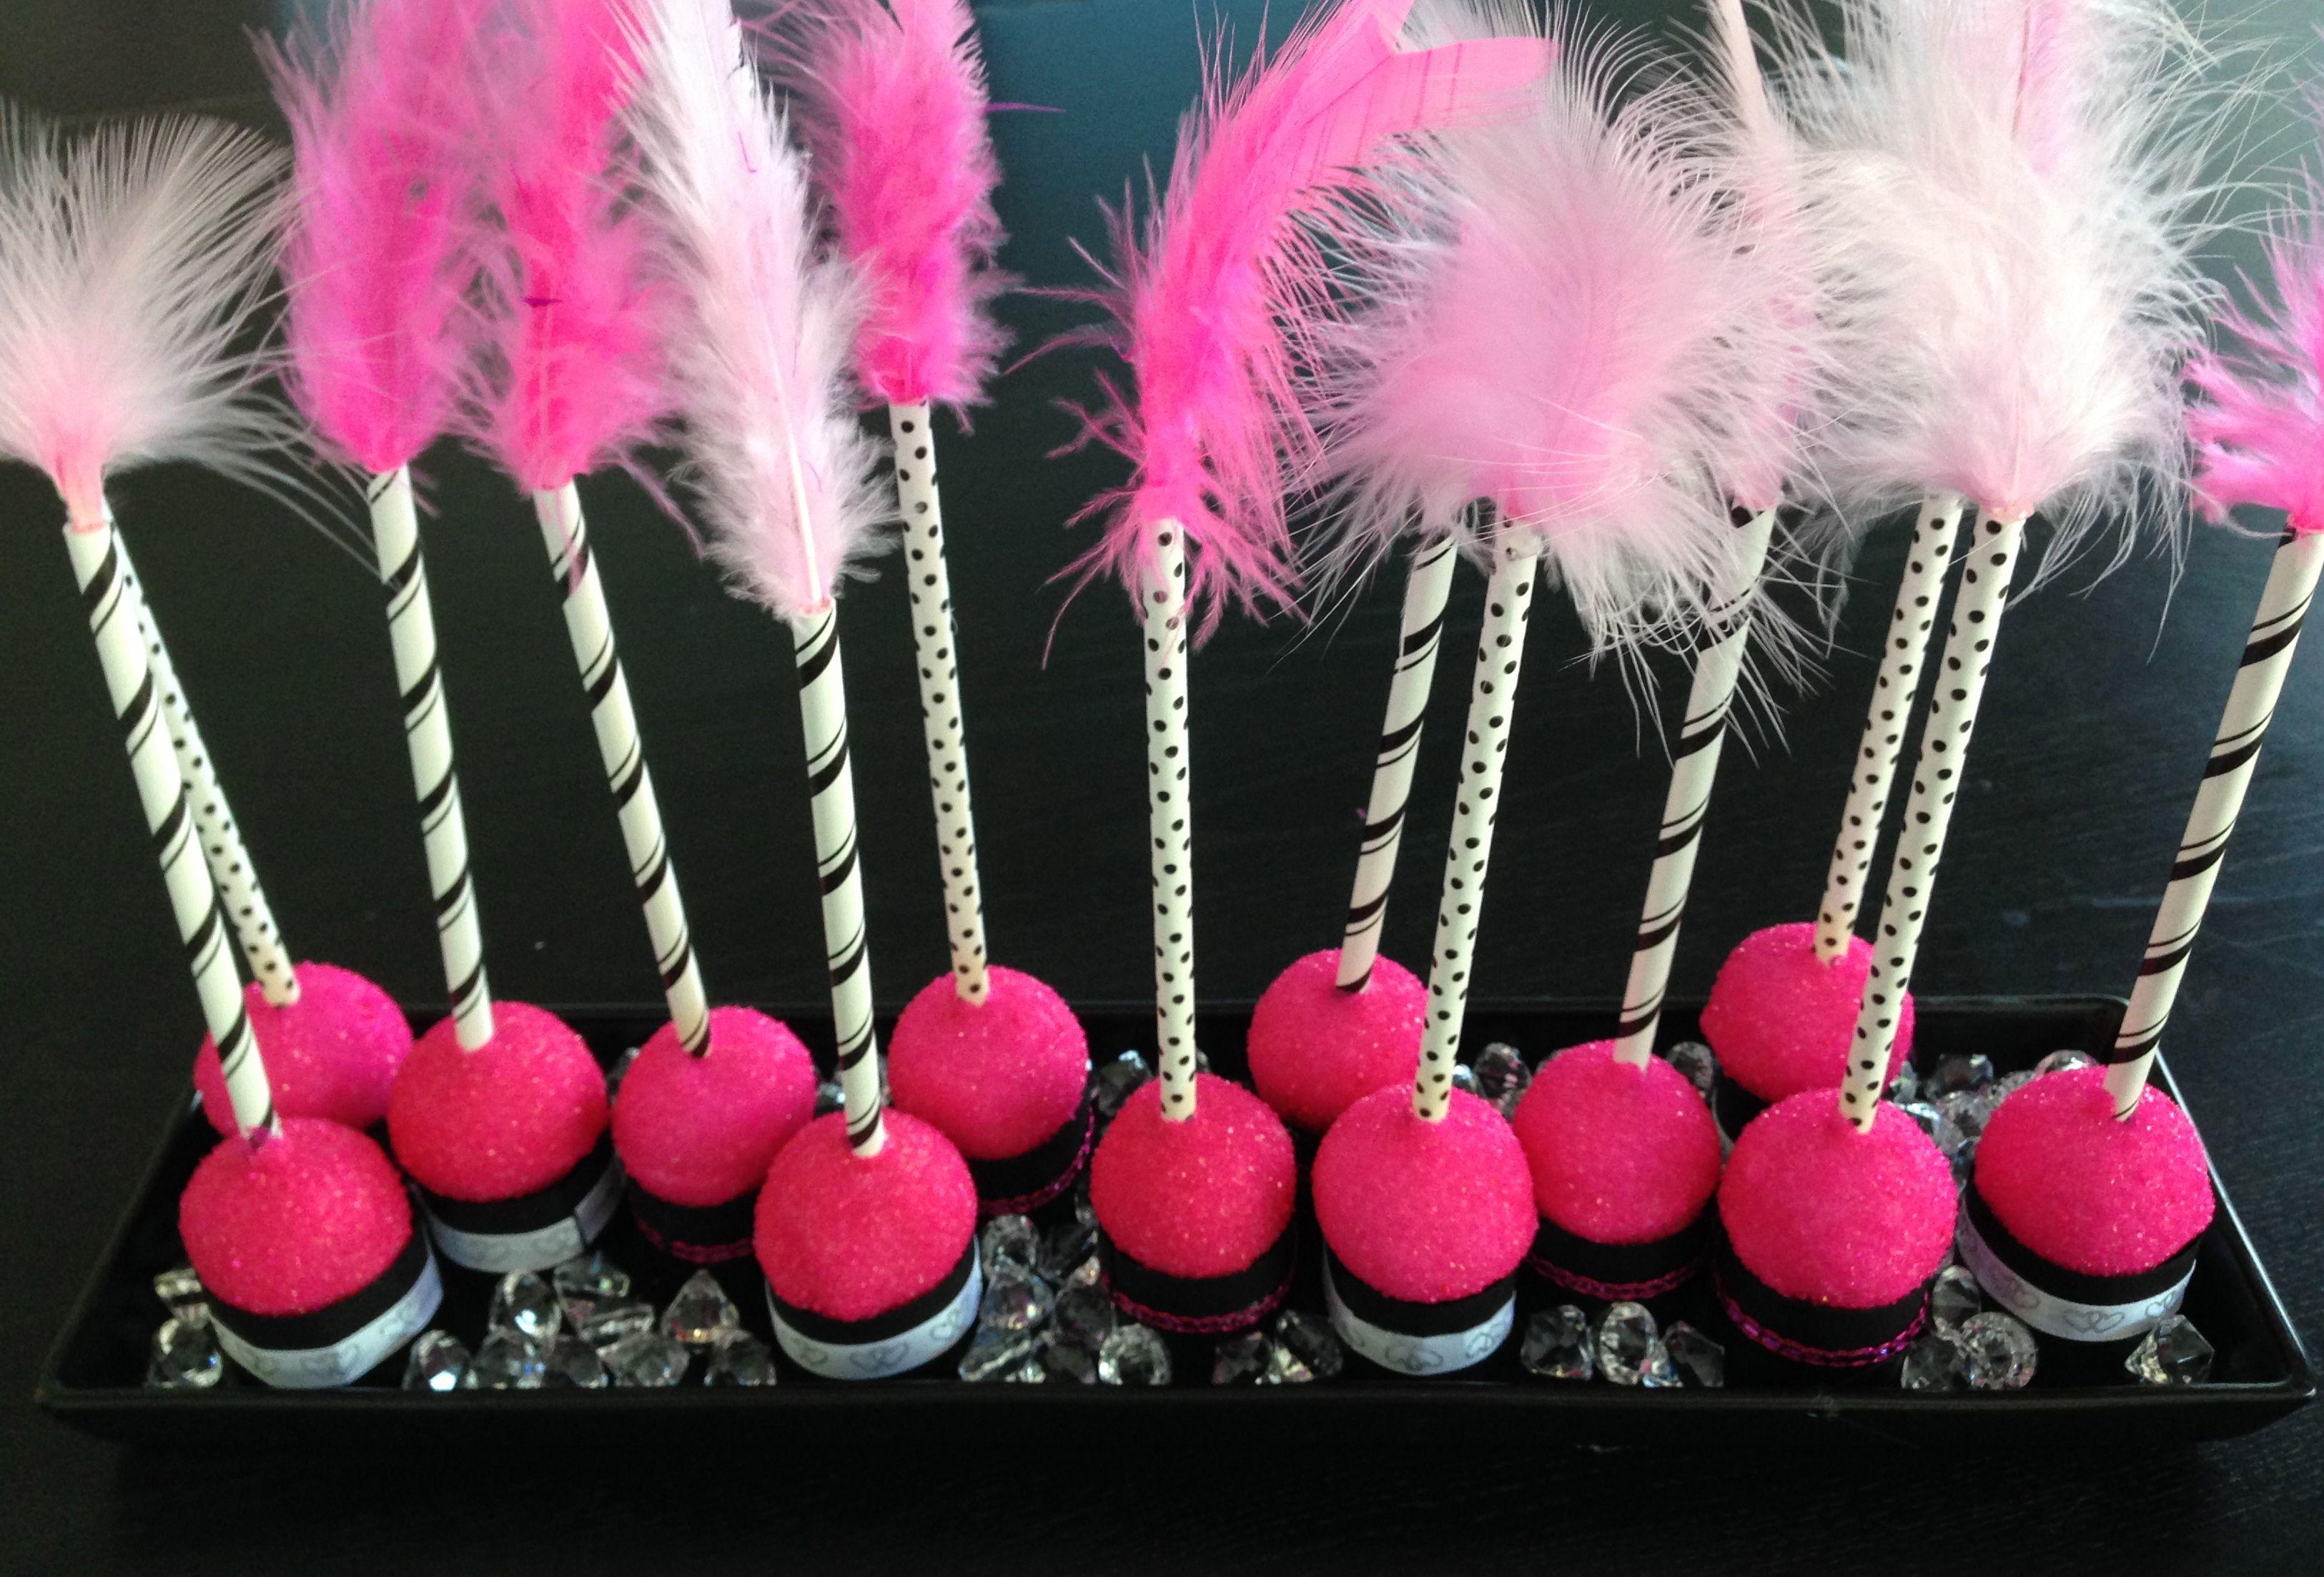 Bachelorette party cakepops cake pops bachelorette